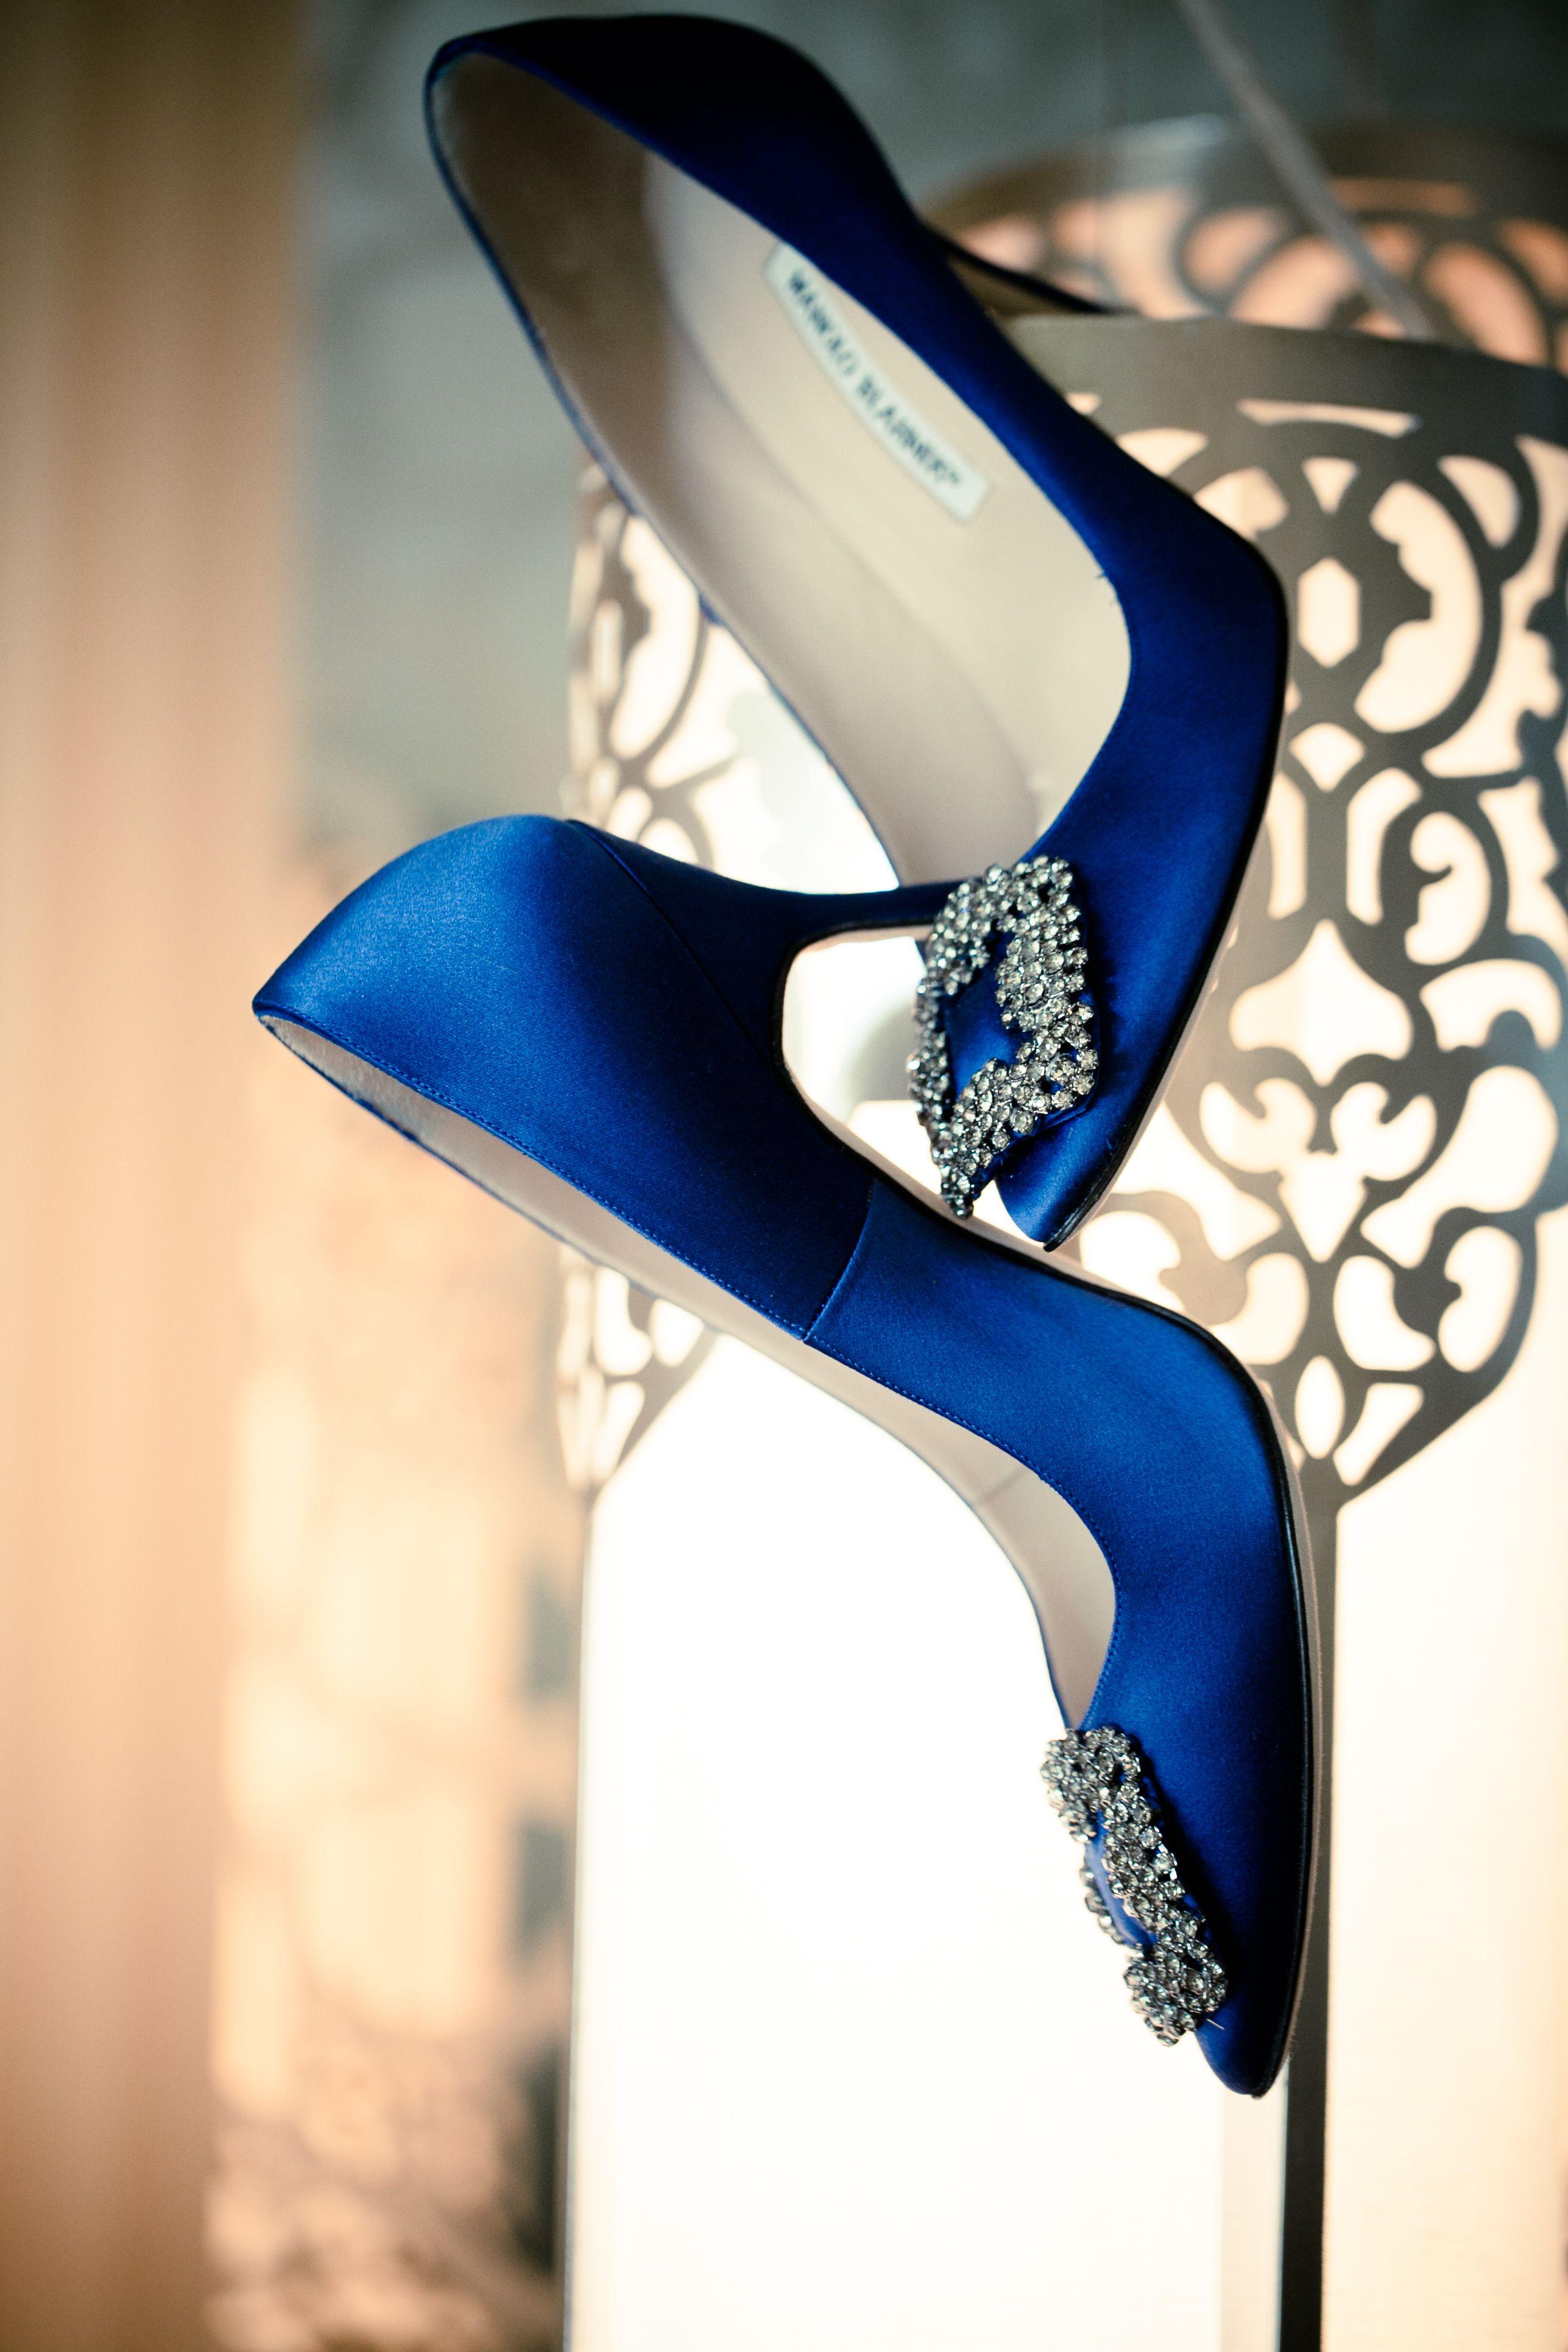 Fabelhafte Hochzeitsschuhe in Blau! Manolo Blahniks Brautschuhe von ...